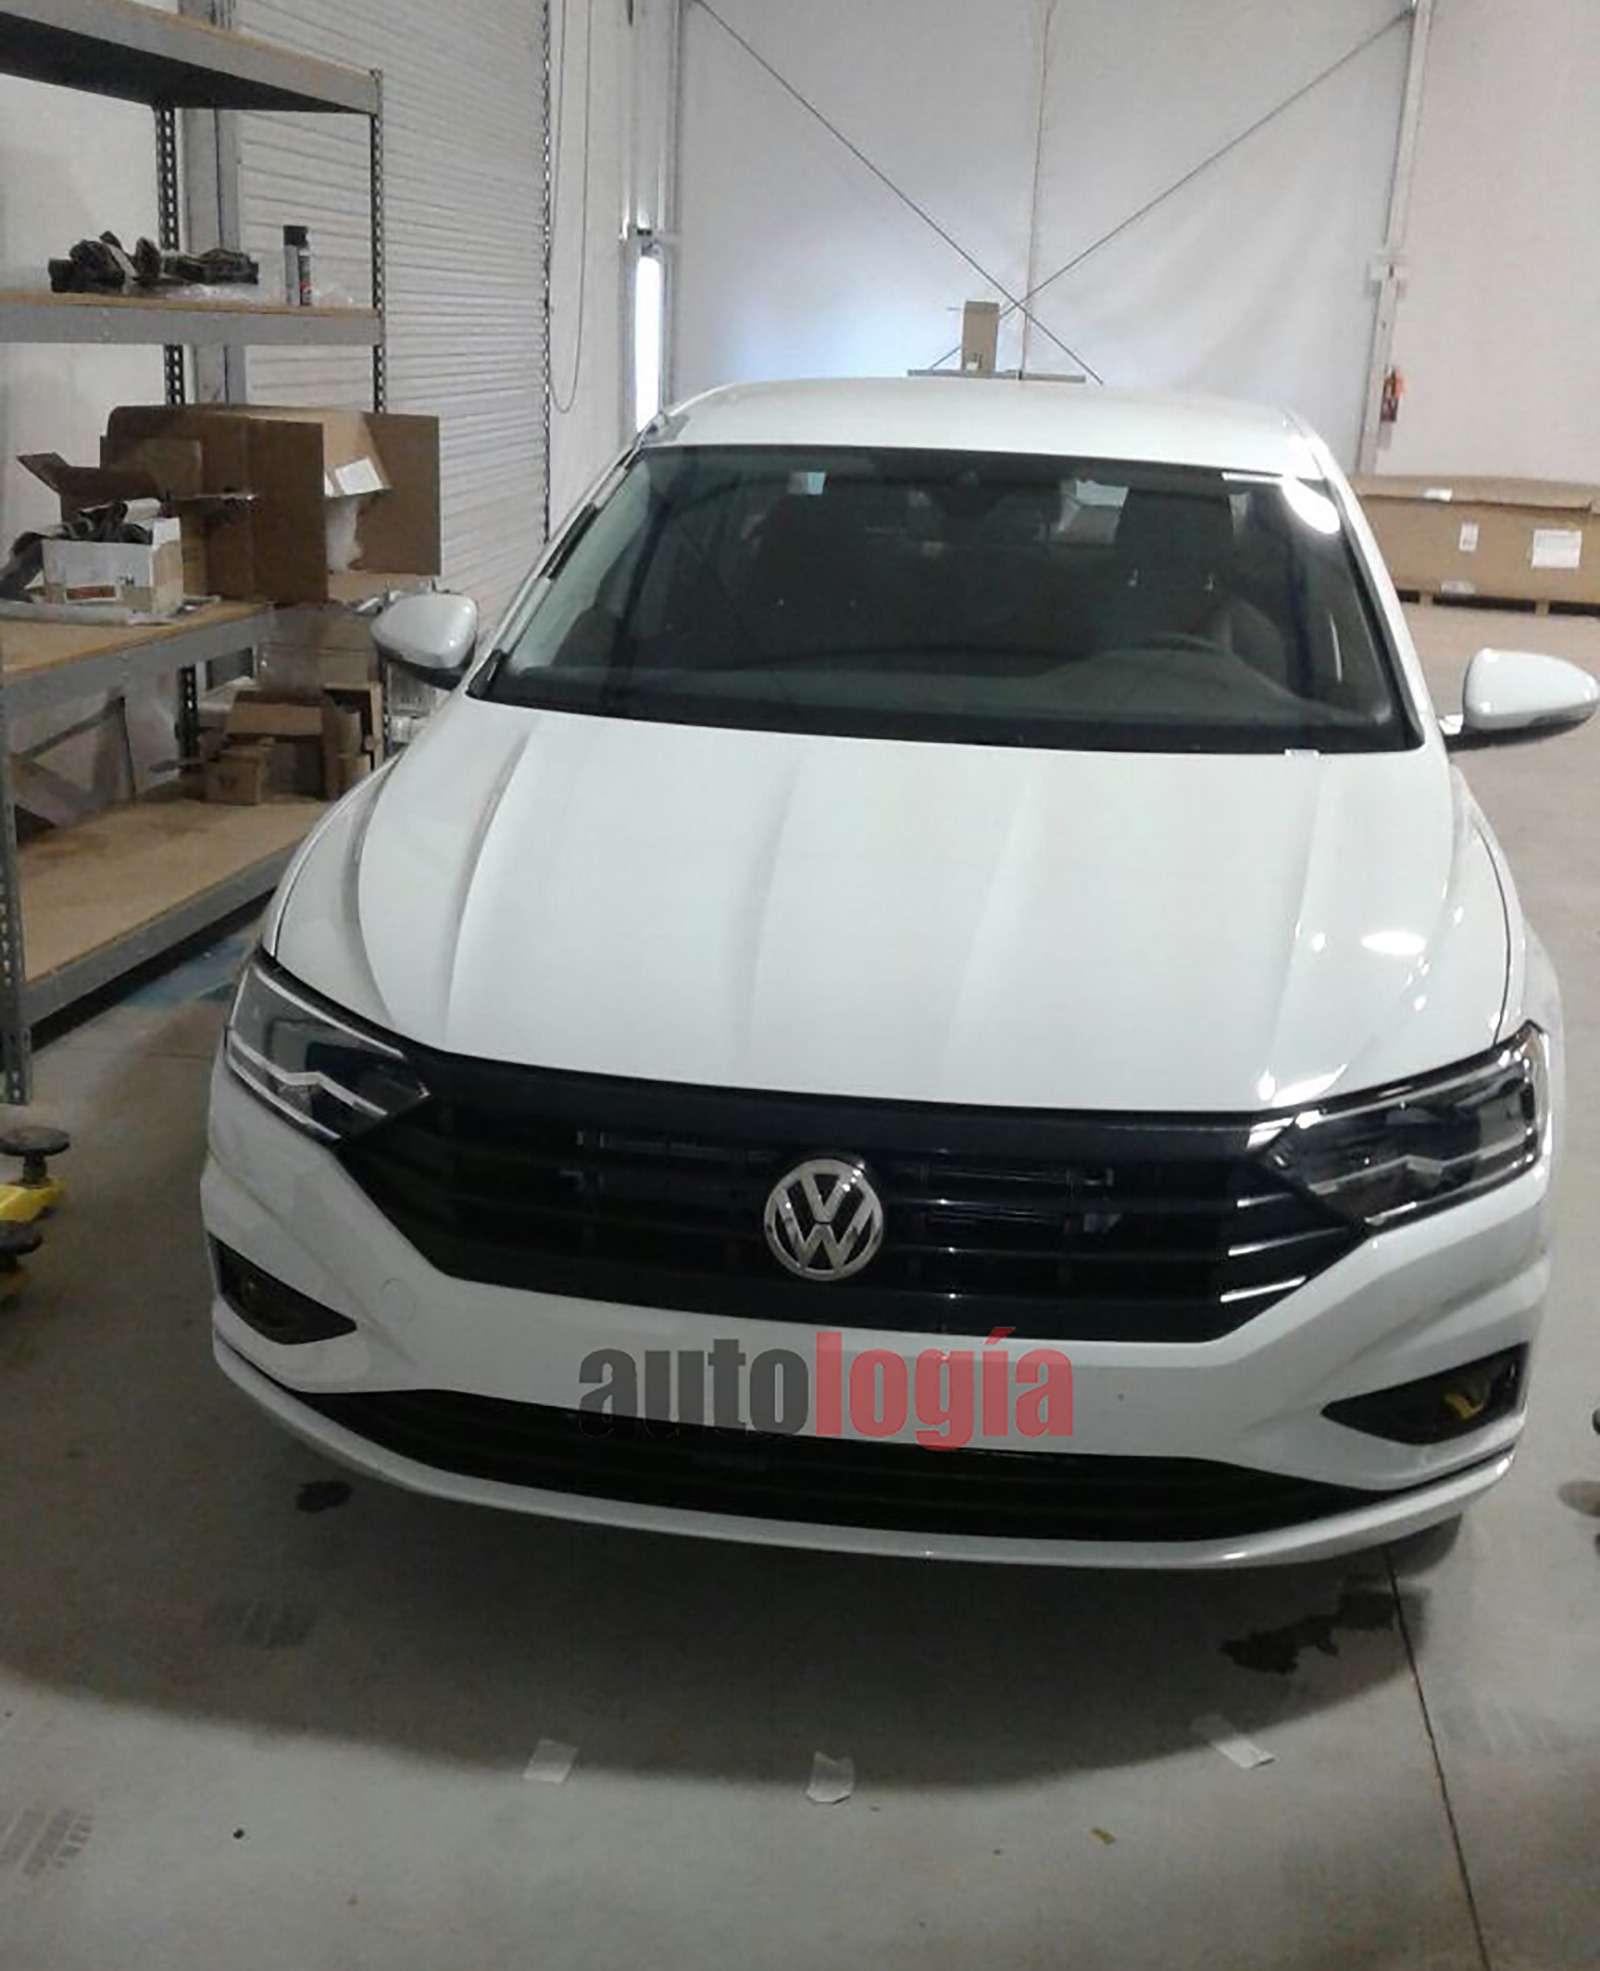 Новый Volkswagen Jetta: первое официальное фото— фото 806386